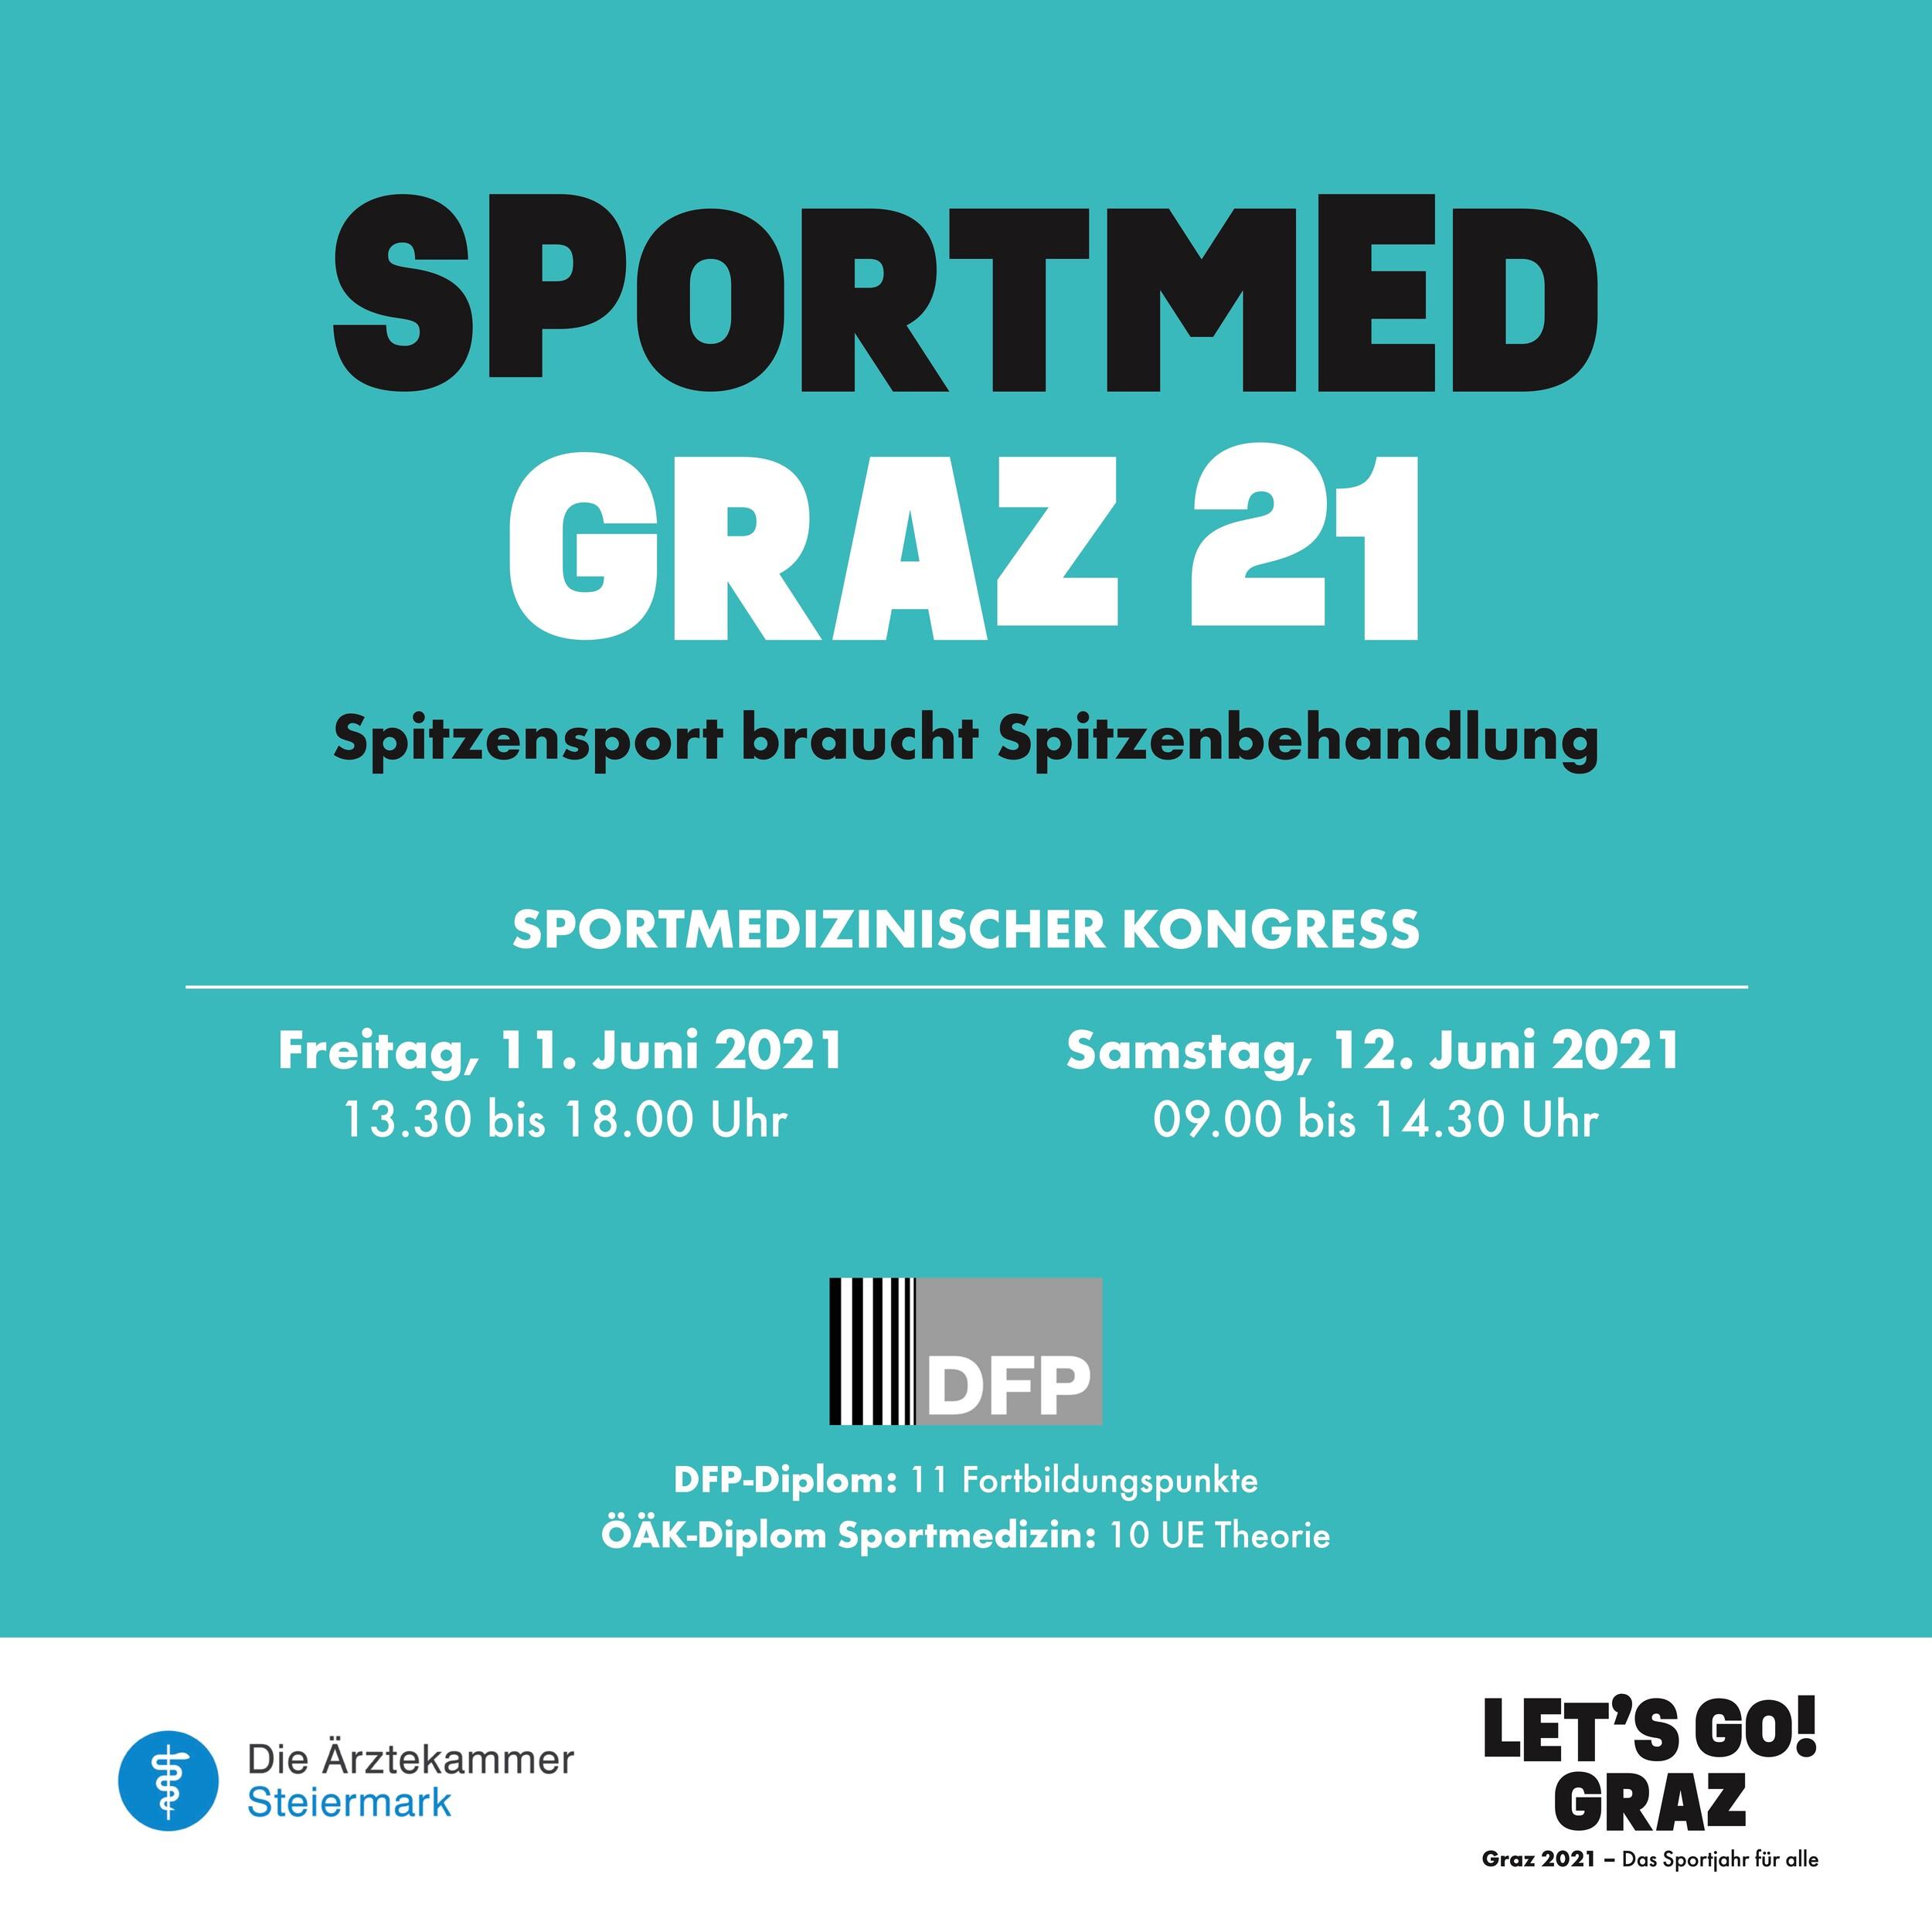 SPORTMED GRAZ 21